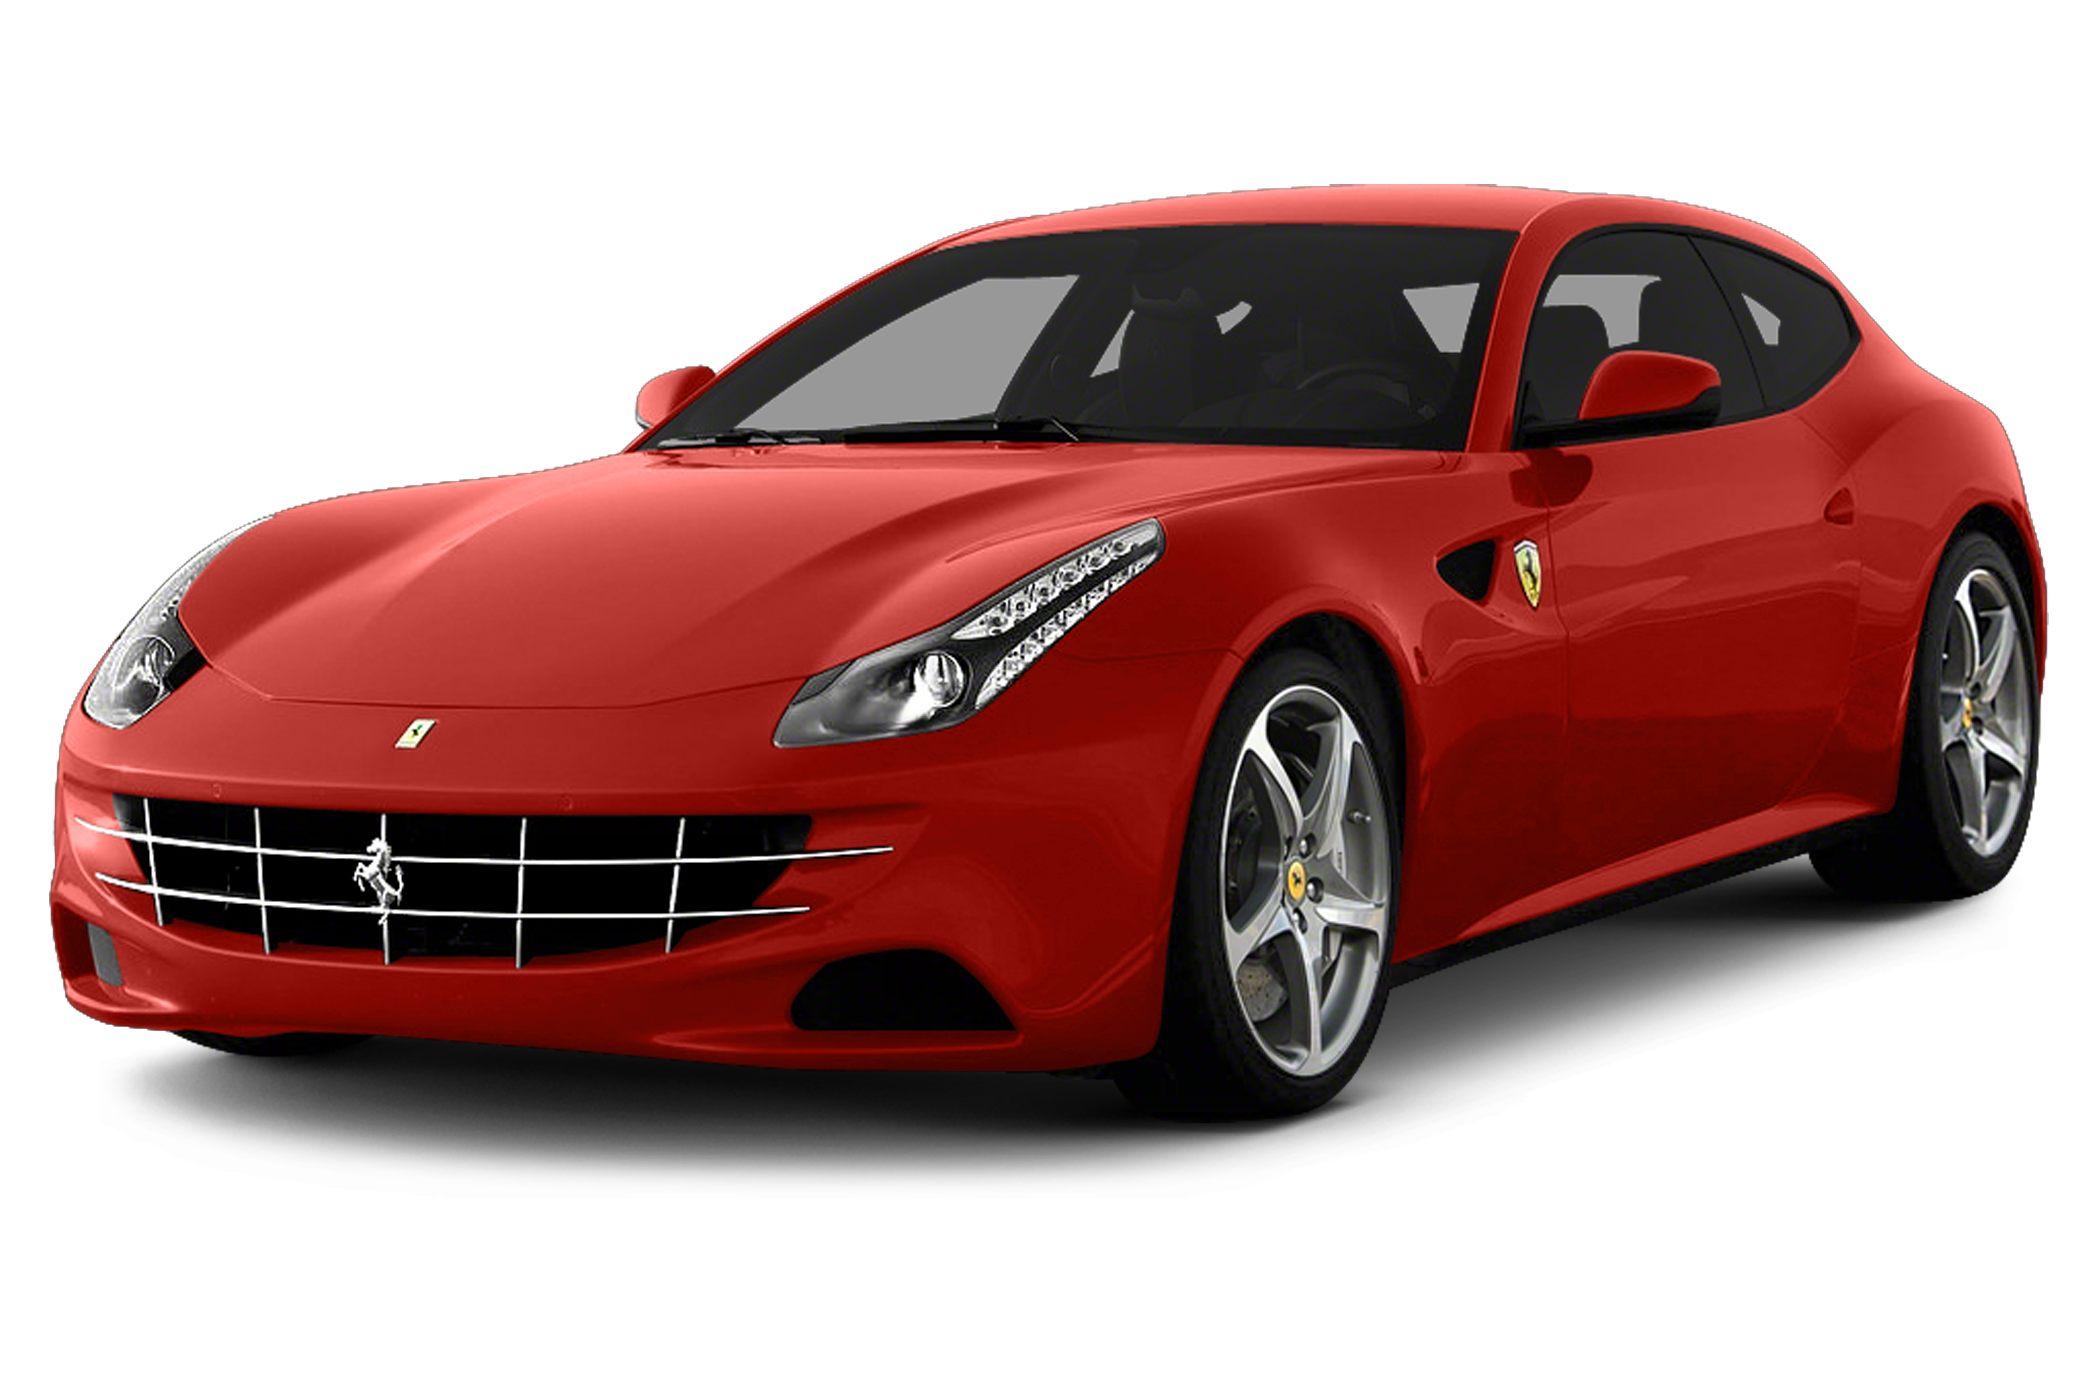 2013 Ferrari FF [w/video]